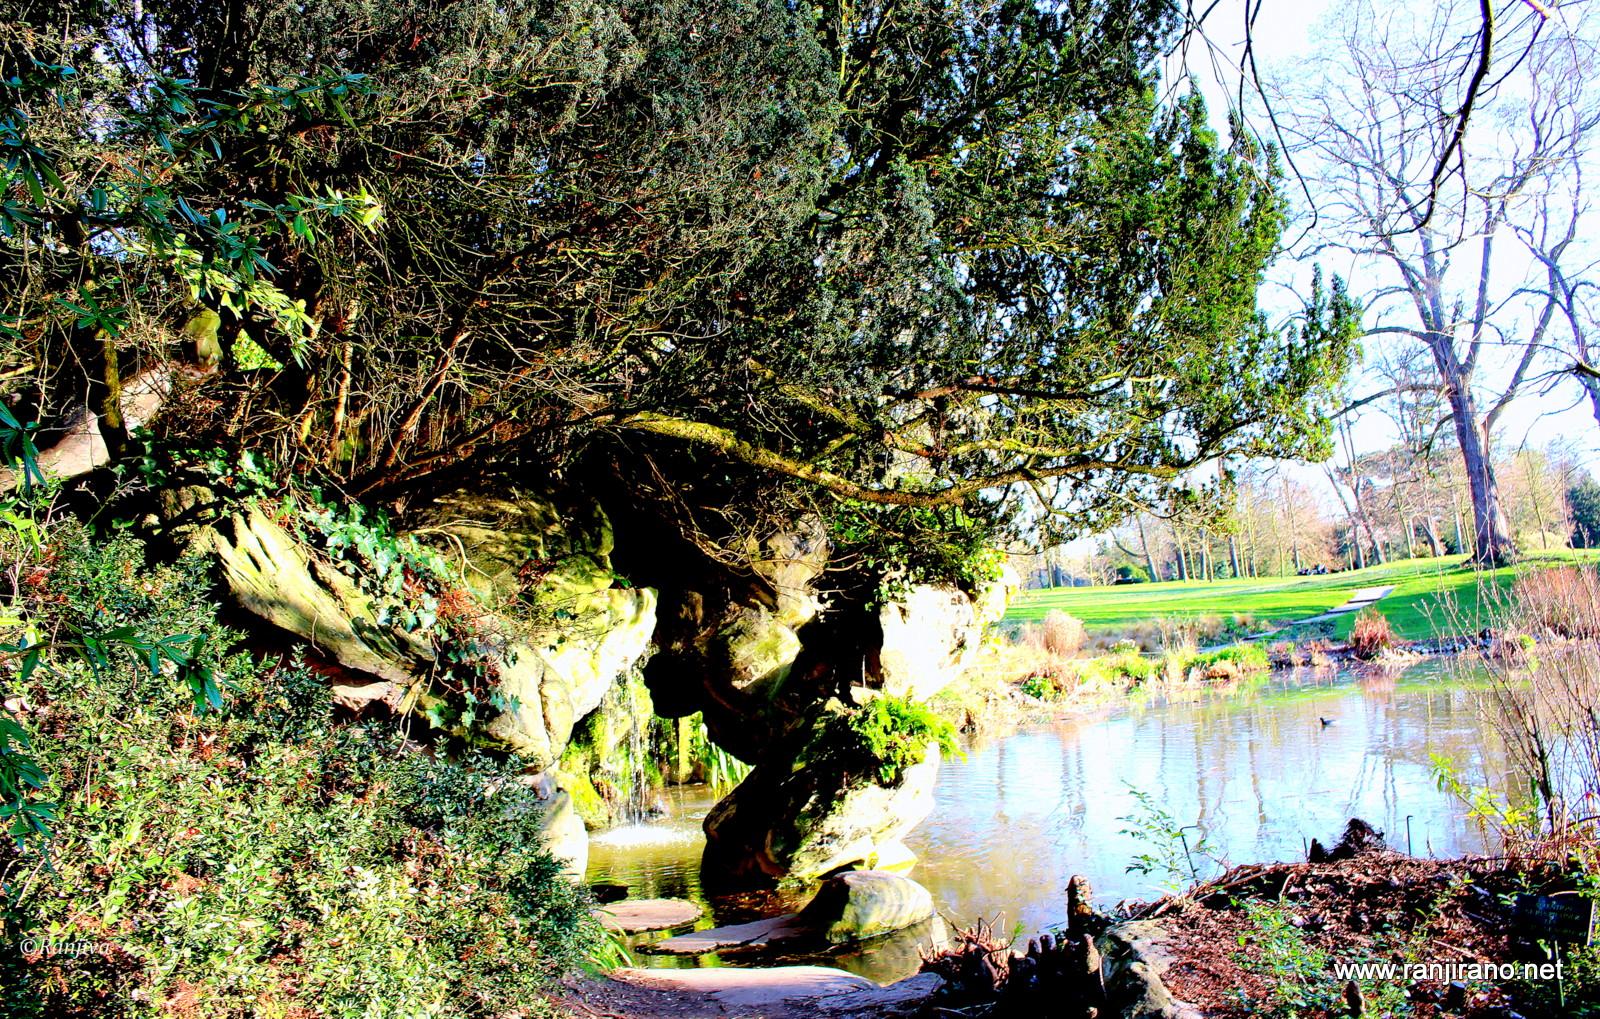 La cascade enchant e dans un jardin extraordinaire le for Bagatelle jardin paris